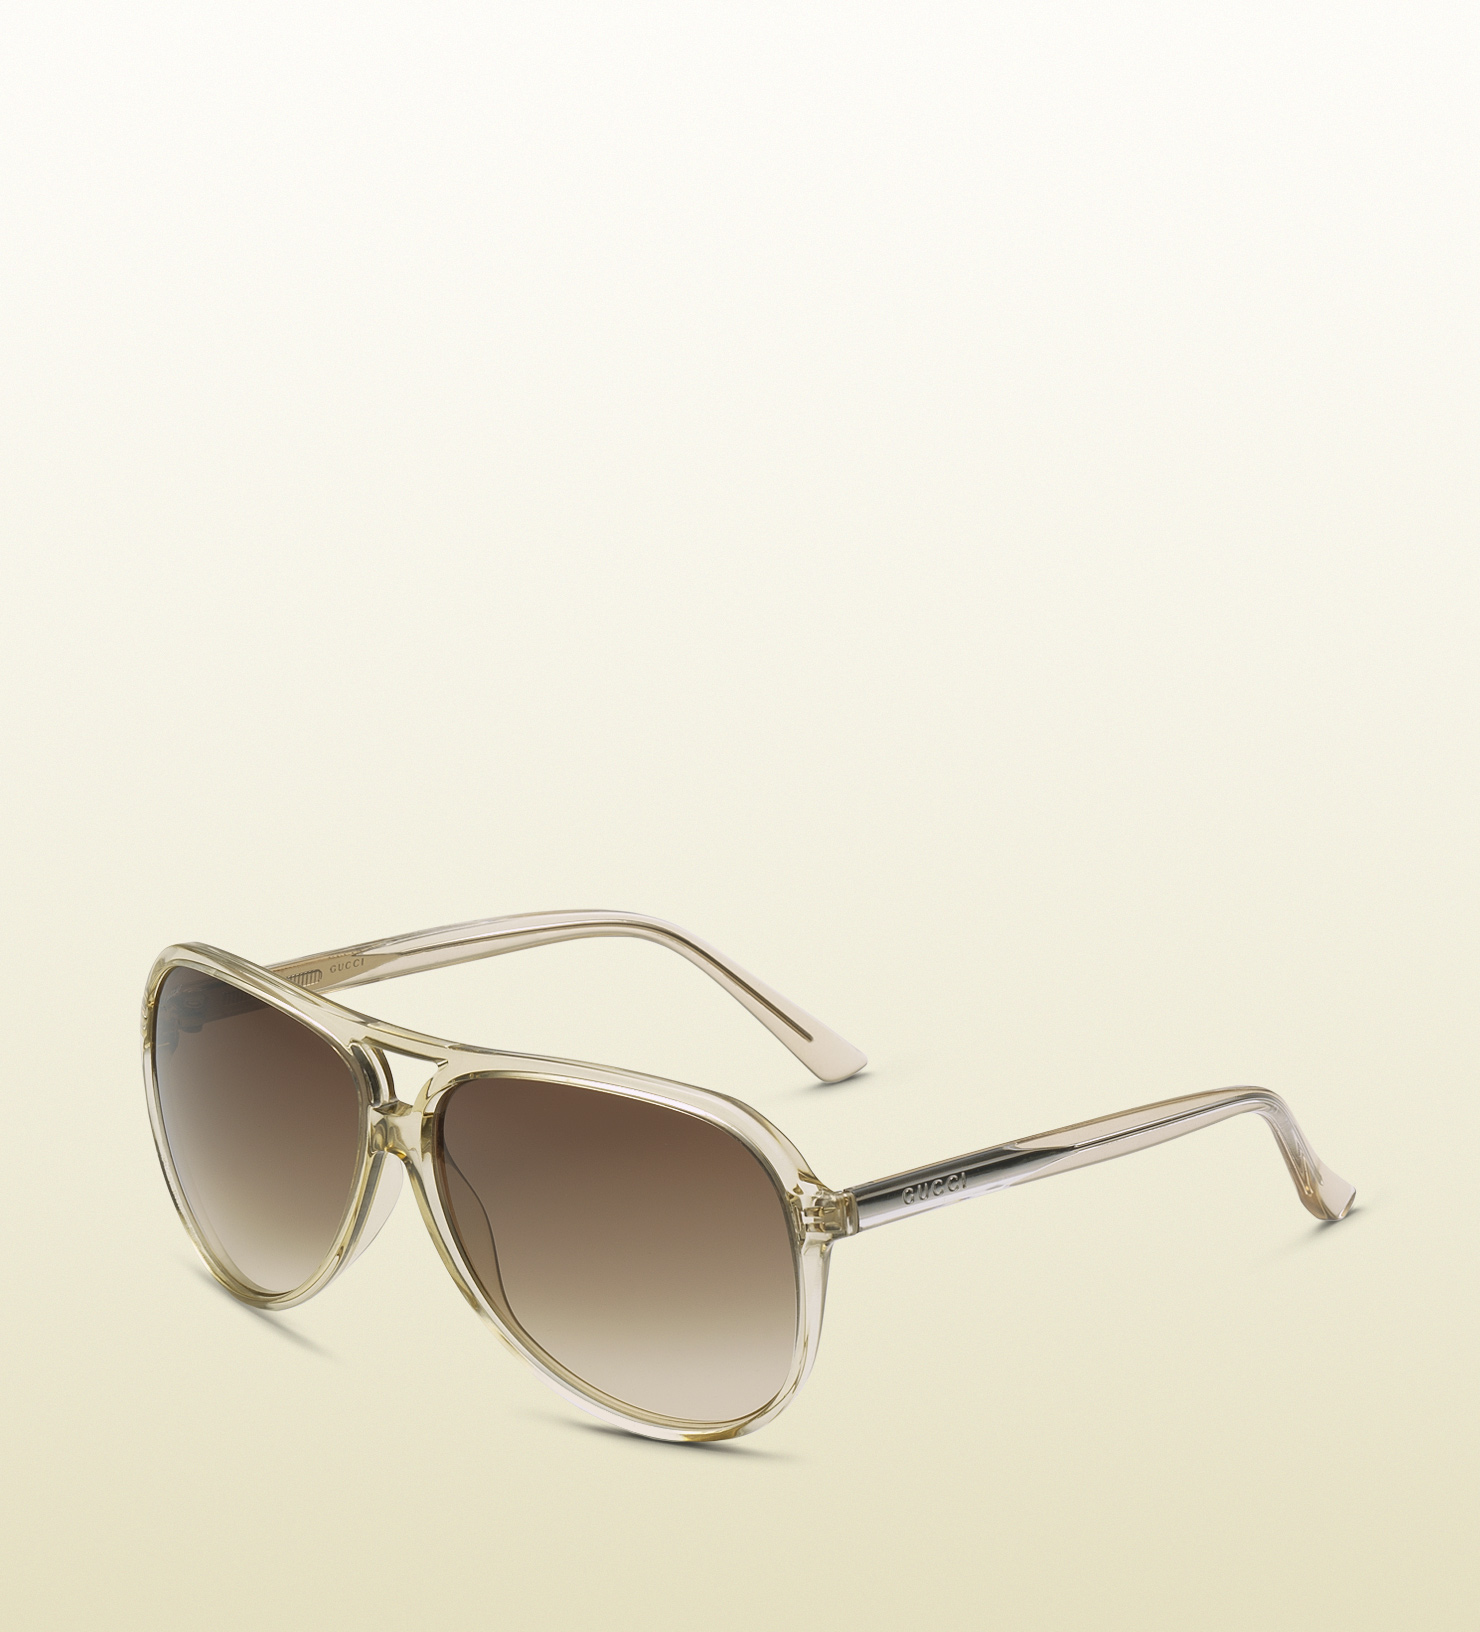 32e11b205cb Lyst - Gucci Womens Champagne Aviator Sunglasses in Brown